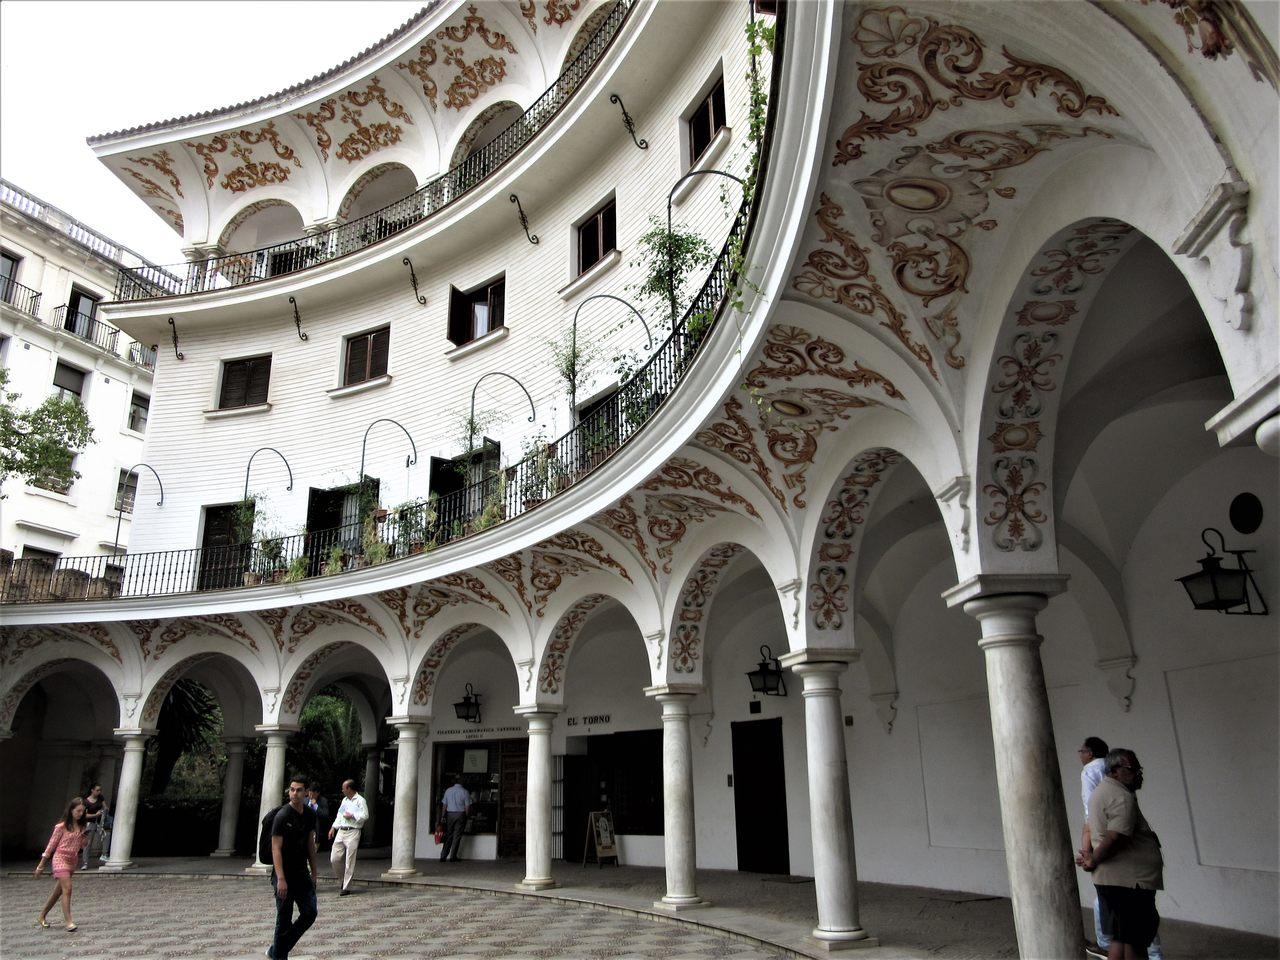 Plaza del Cabildo Seville